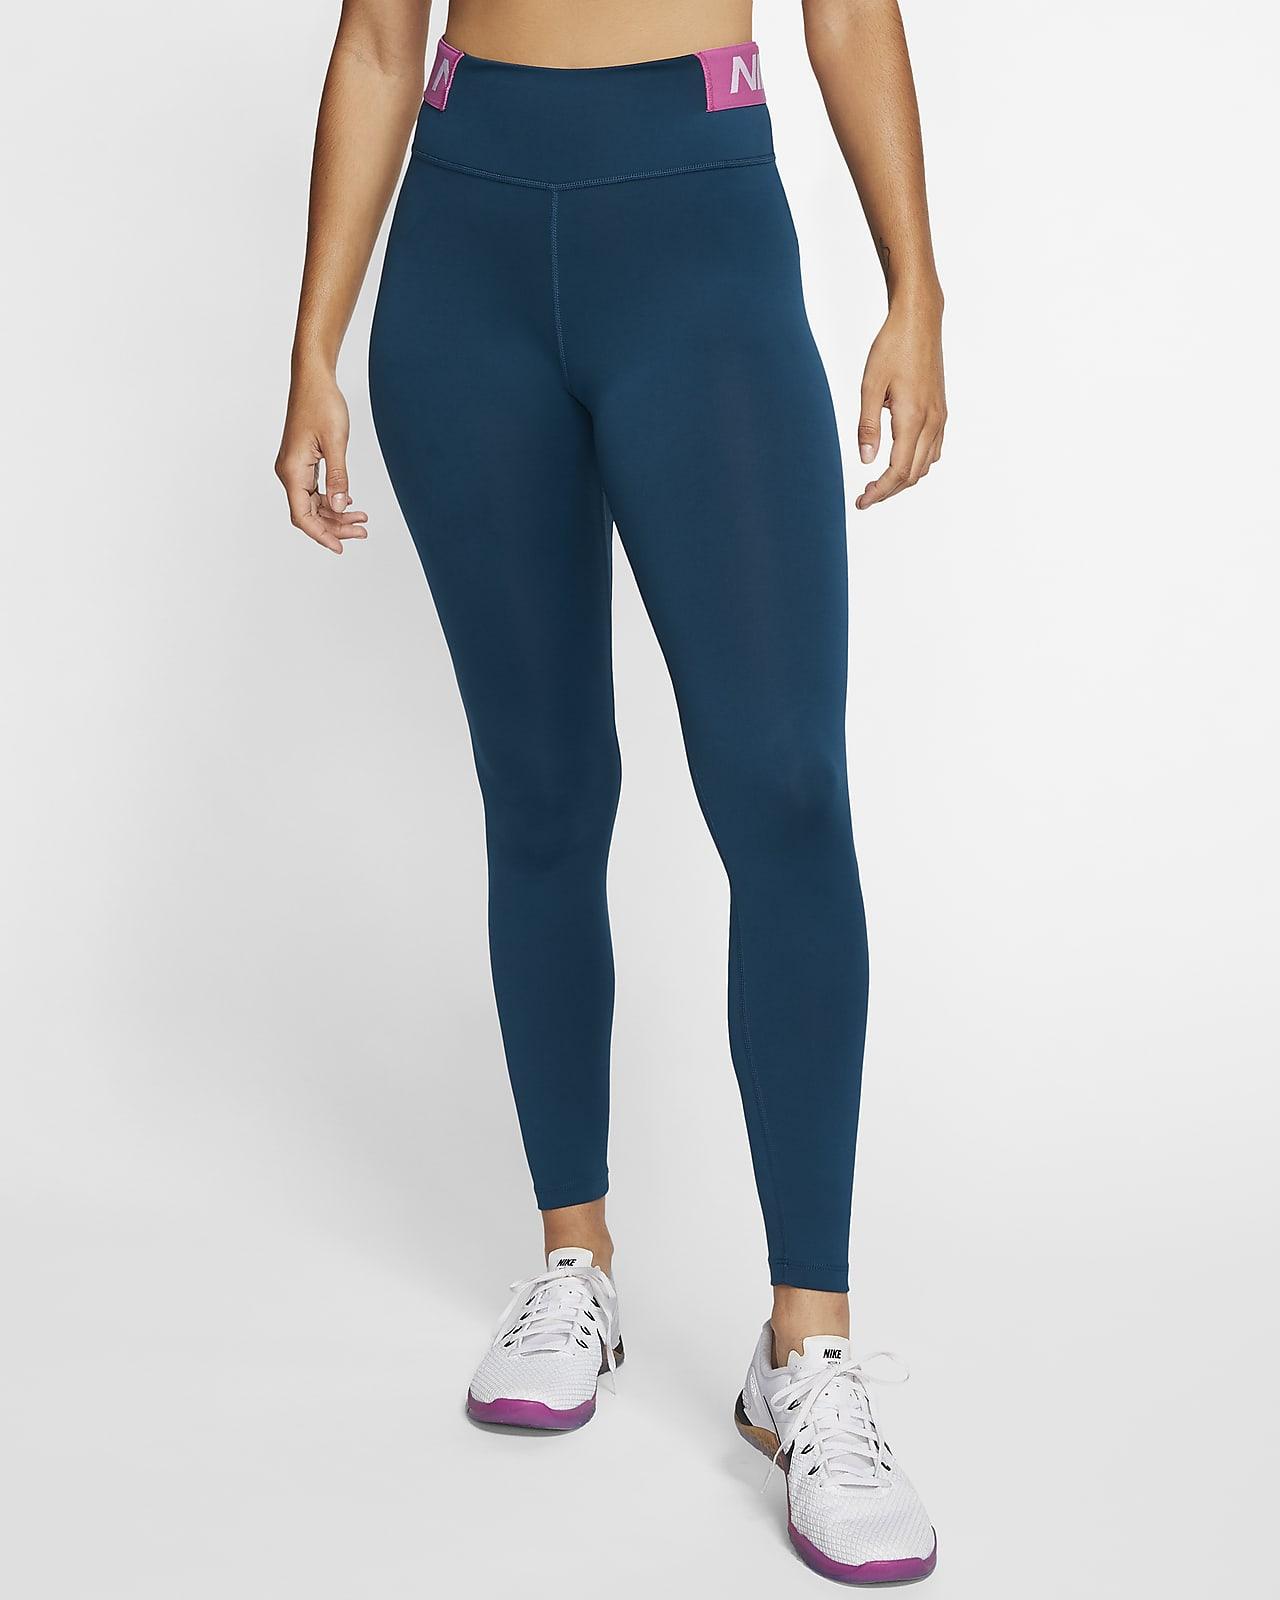 กางเกงรัดรูปผู้หญิง Nike One